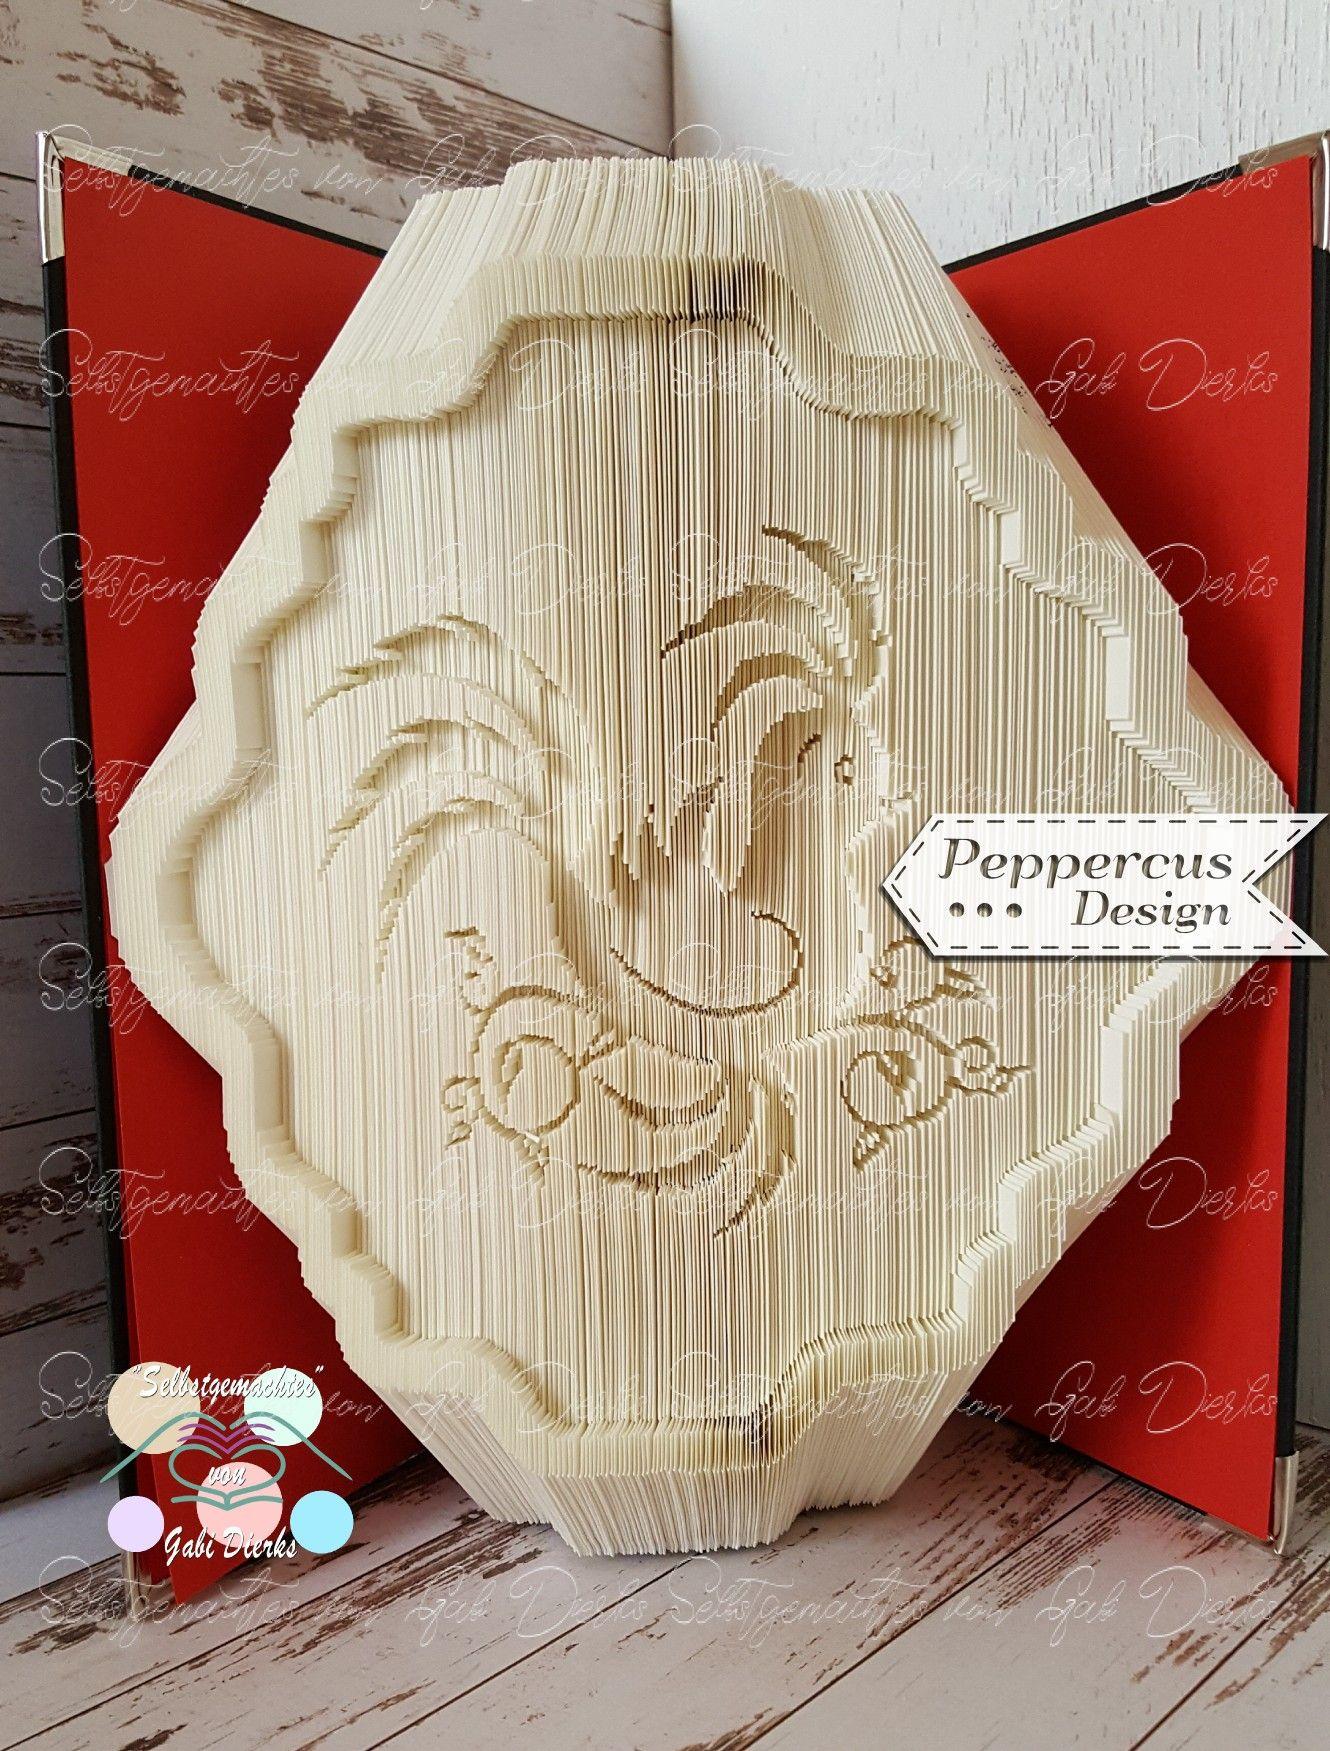 Buchfaltkunst mit einer Grafik von Peppercus Design und einem Rahmen ...